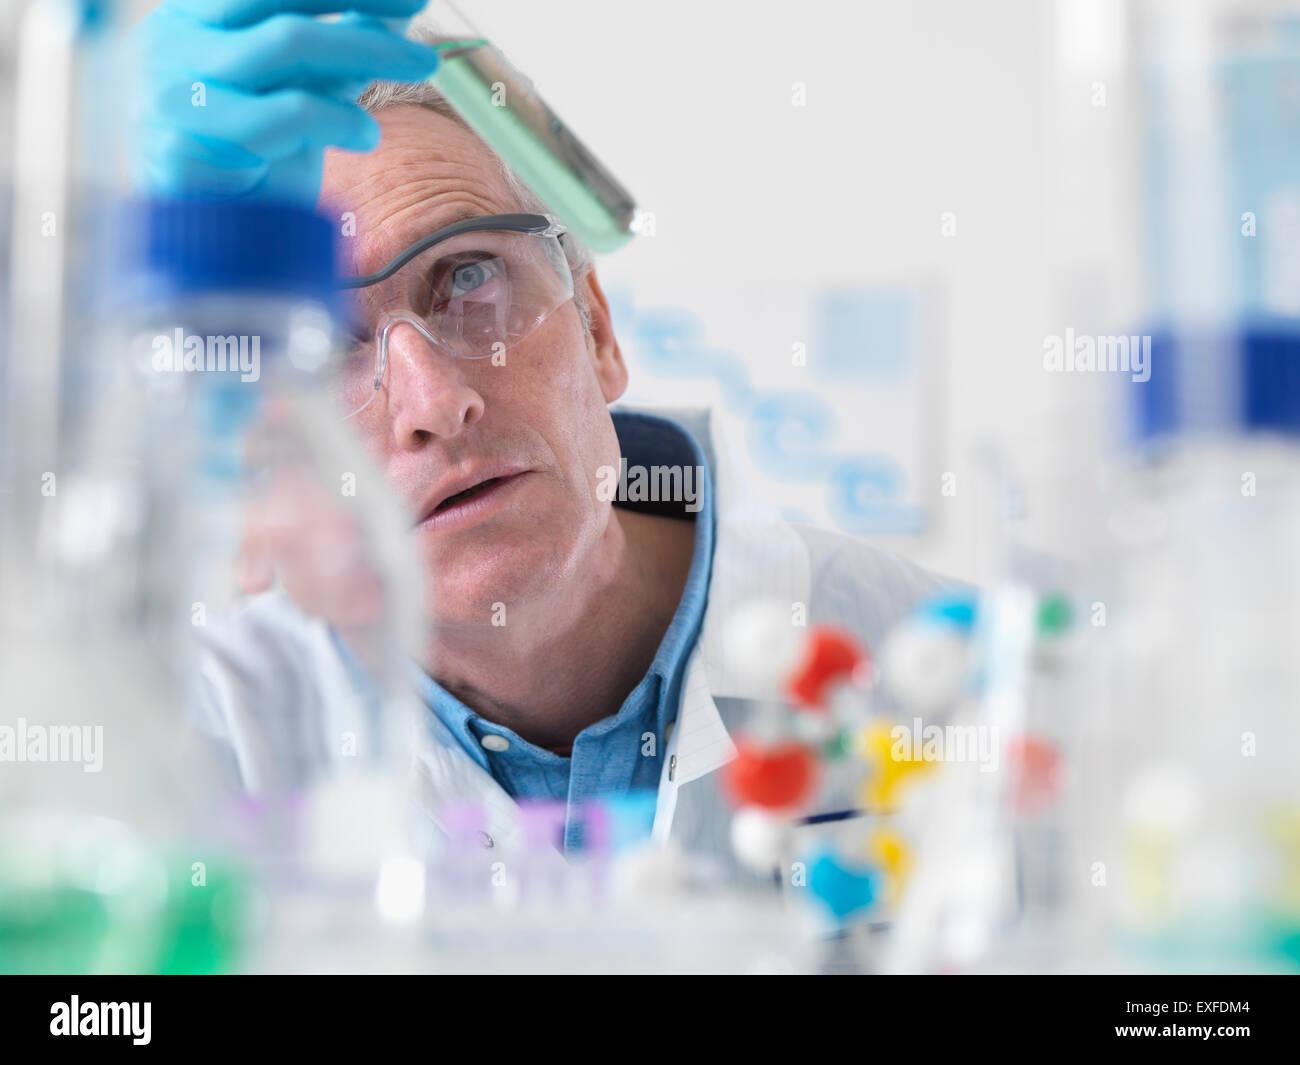 Visualización científico experimento químico en laboratorio Imagen De Stock